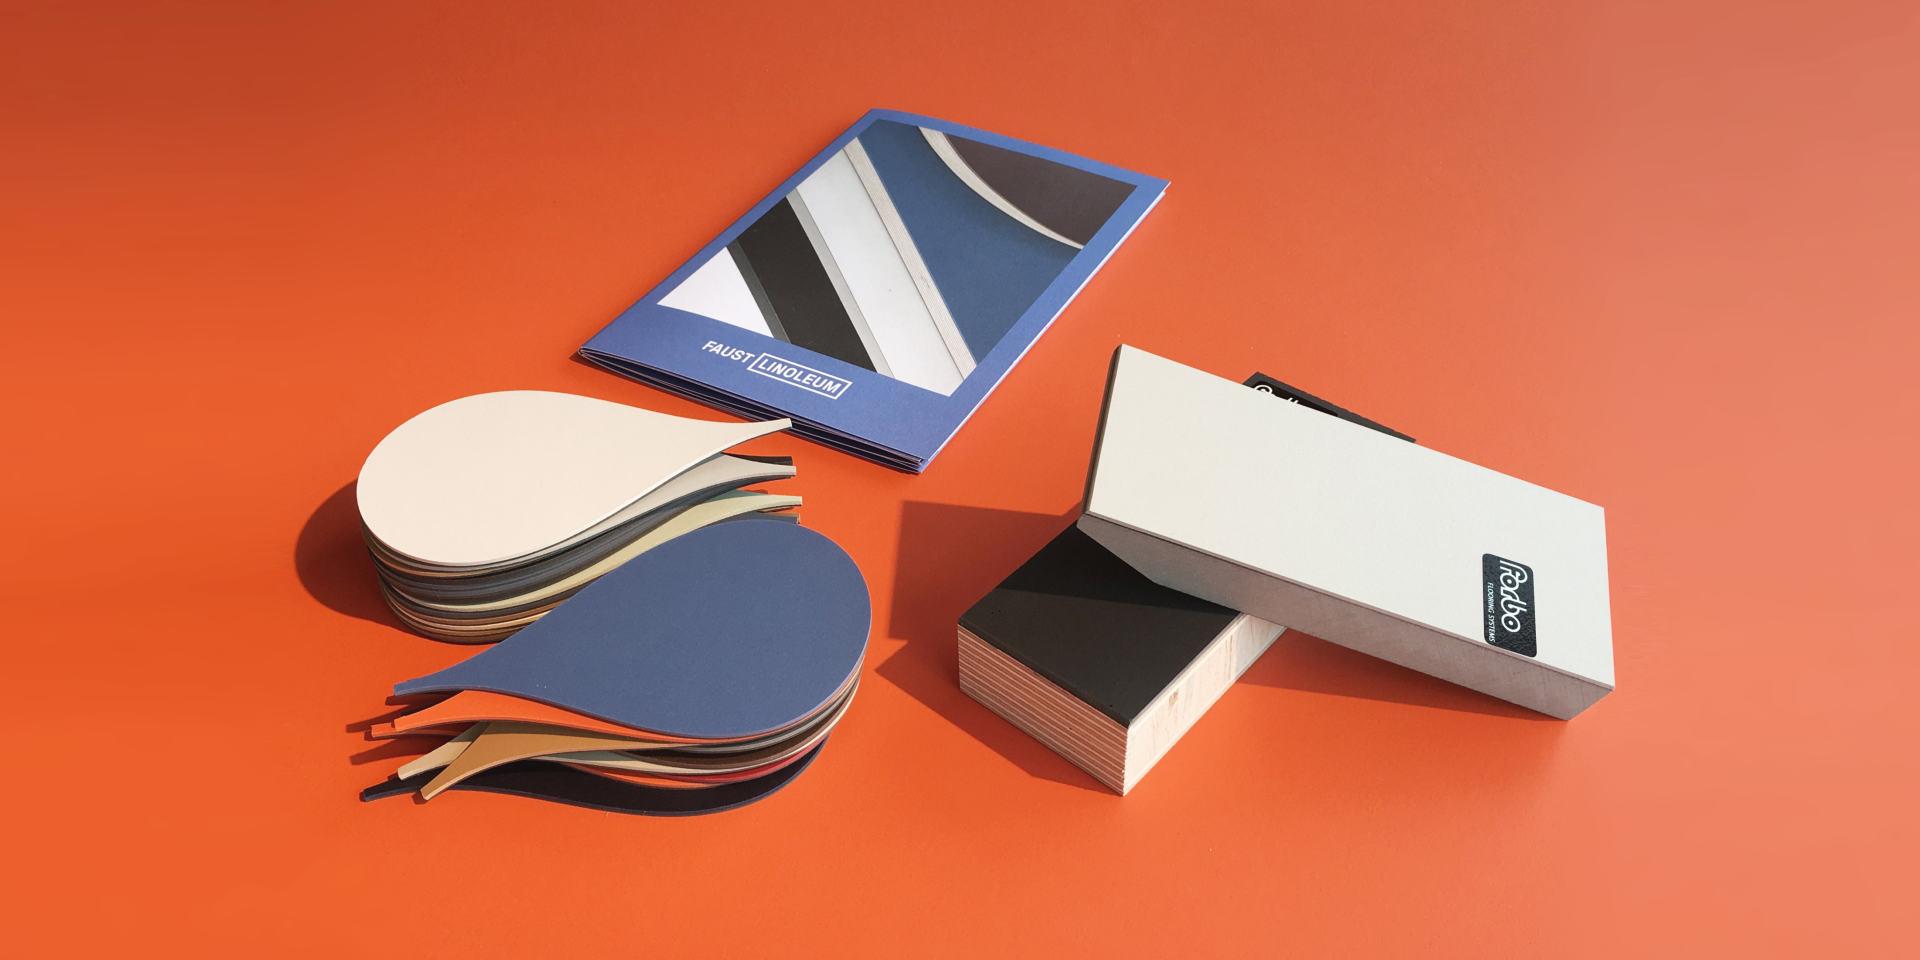 faust linoleum schweiz tabletops tables